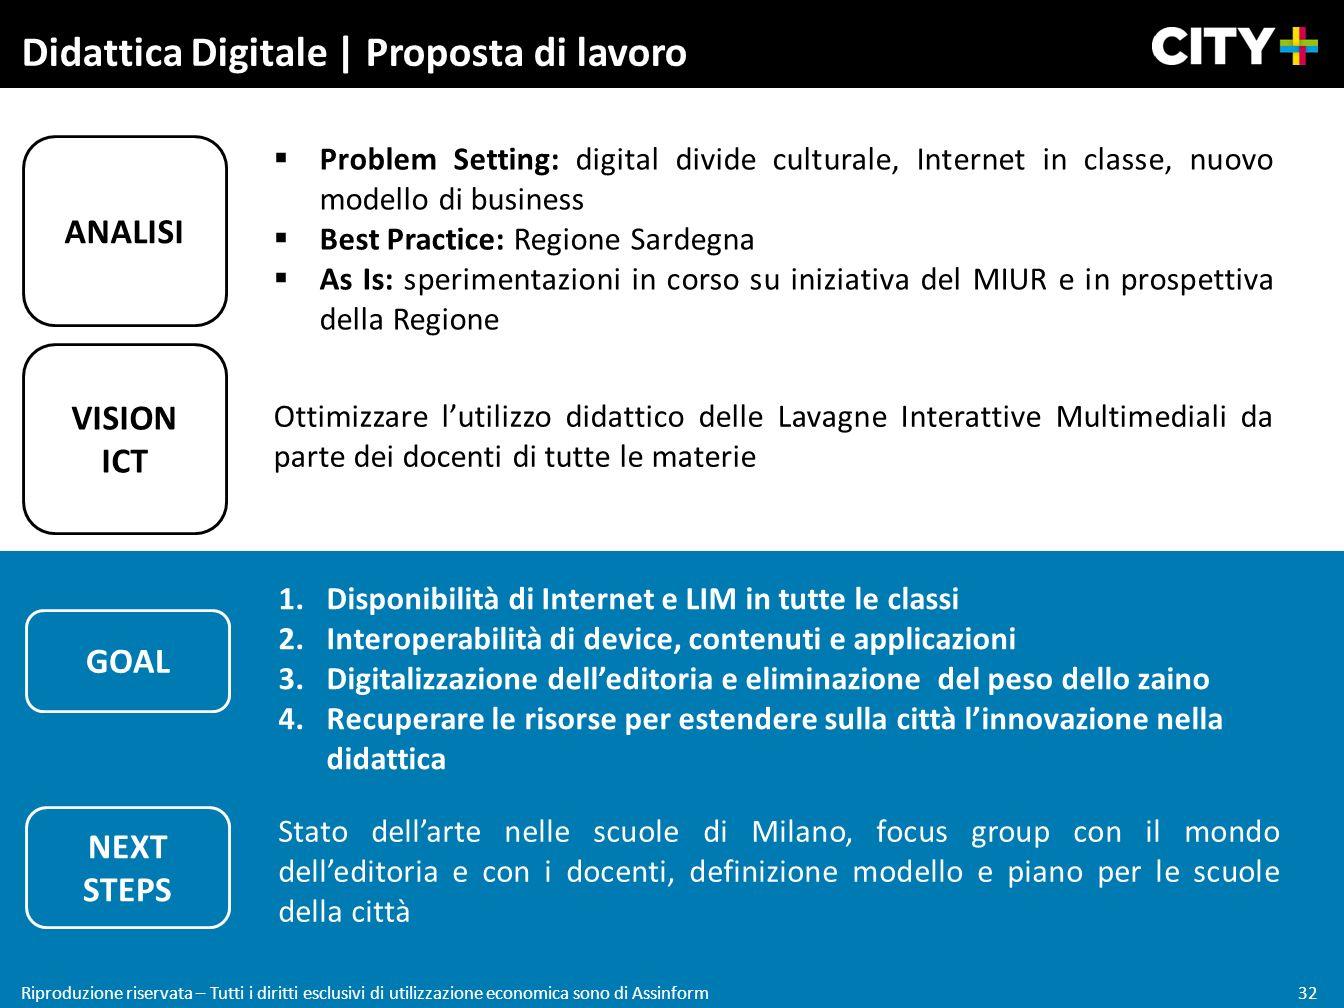 32 Riproduzione riservata – Tutti i diritti esclusivi di utilizzazione economica sono di Assinform Didattica Digitale | Proposta di lavoro VISION ICT